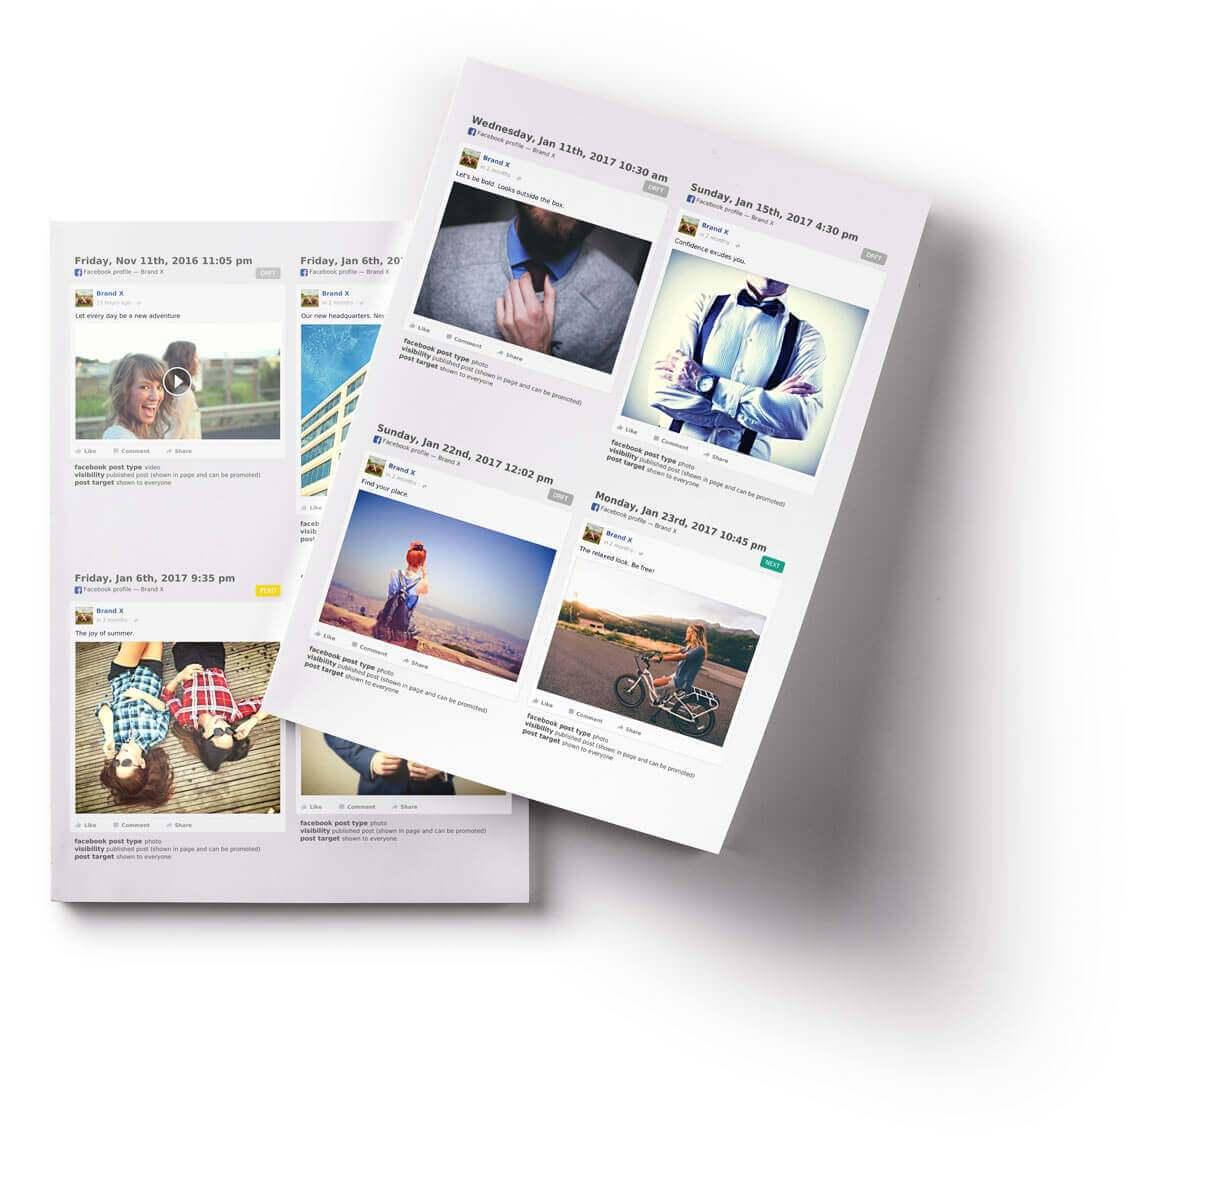 criação de sites para empresas, comércios e profissionais autonomos